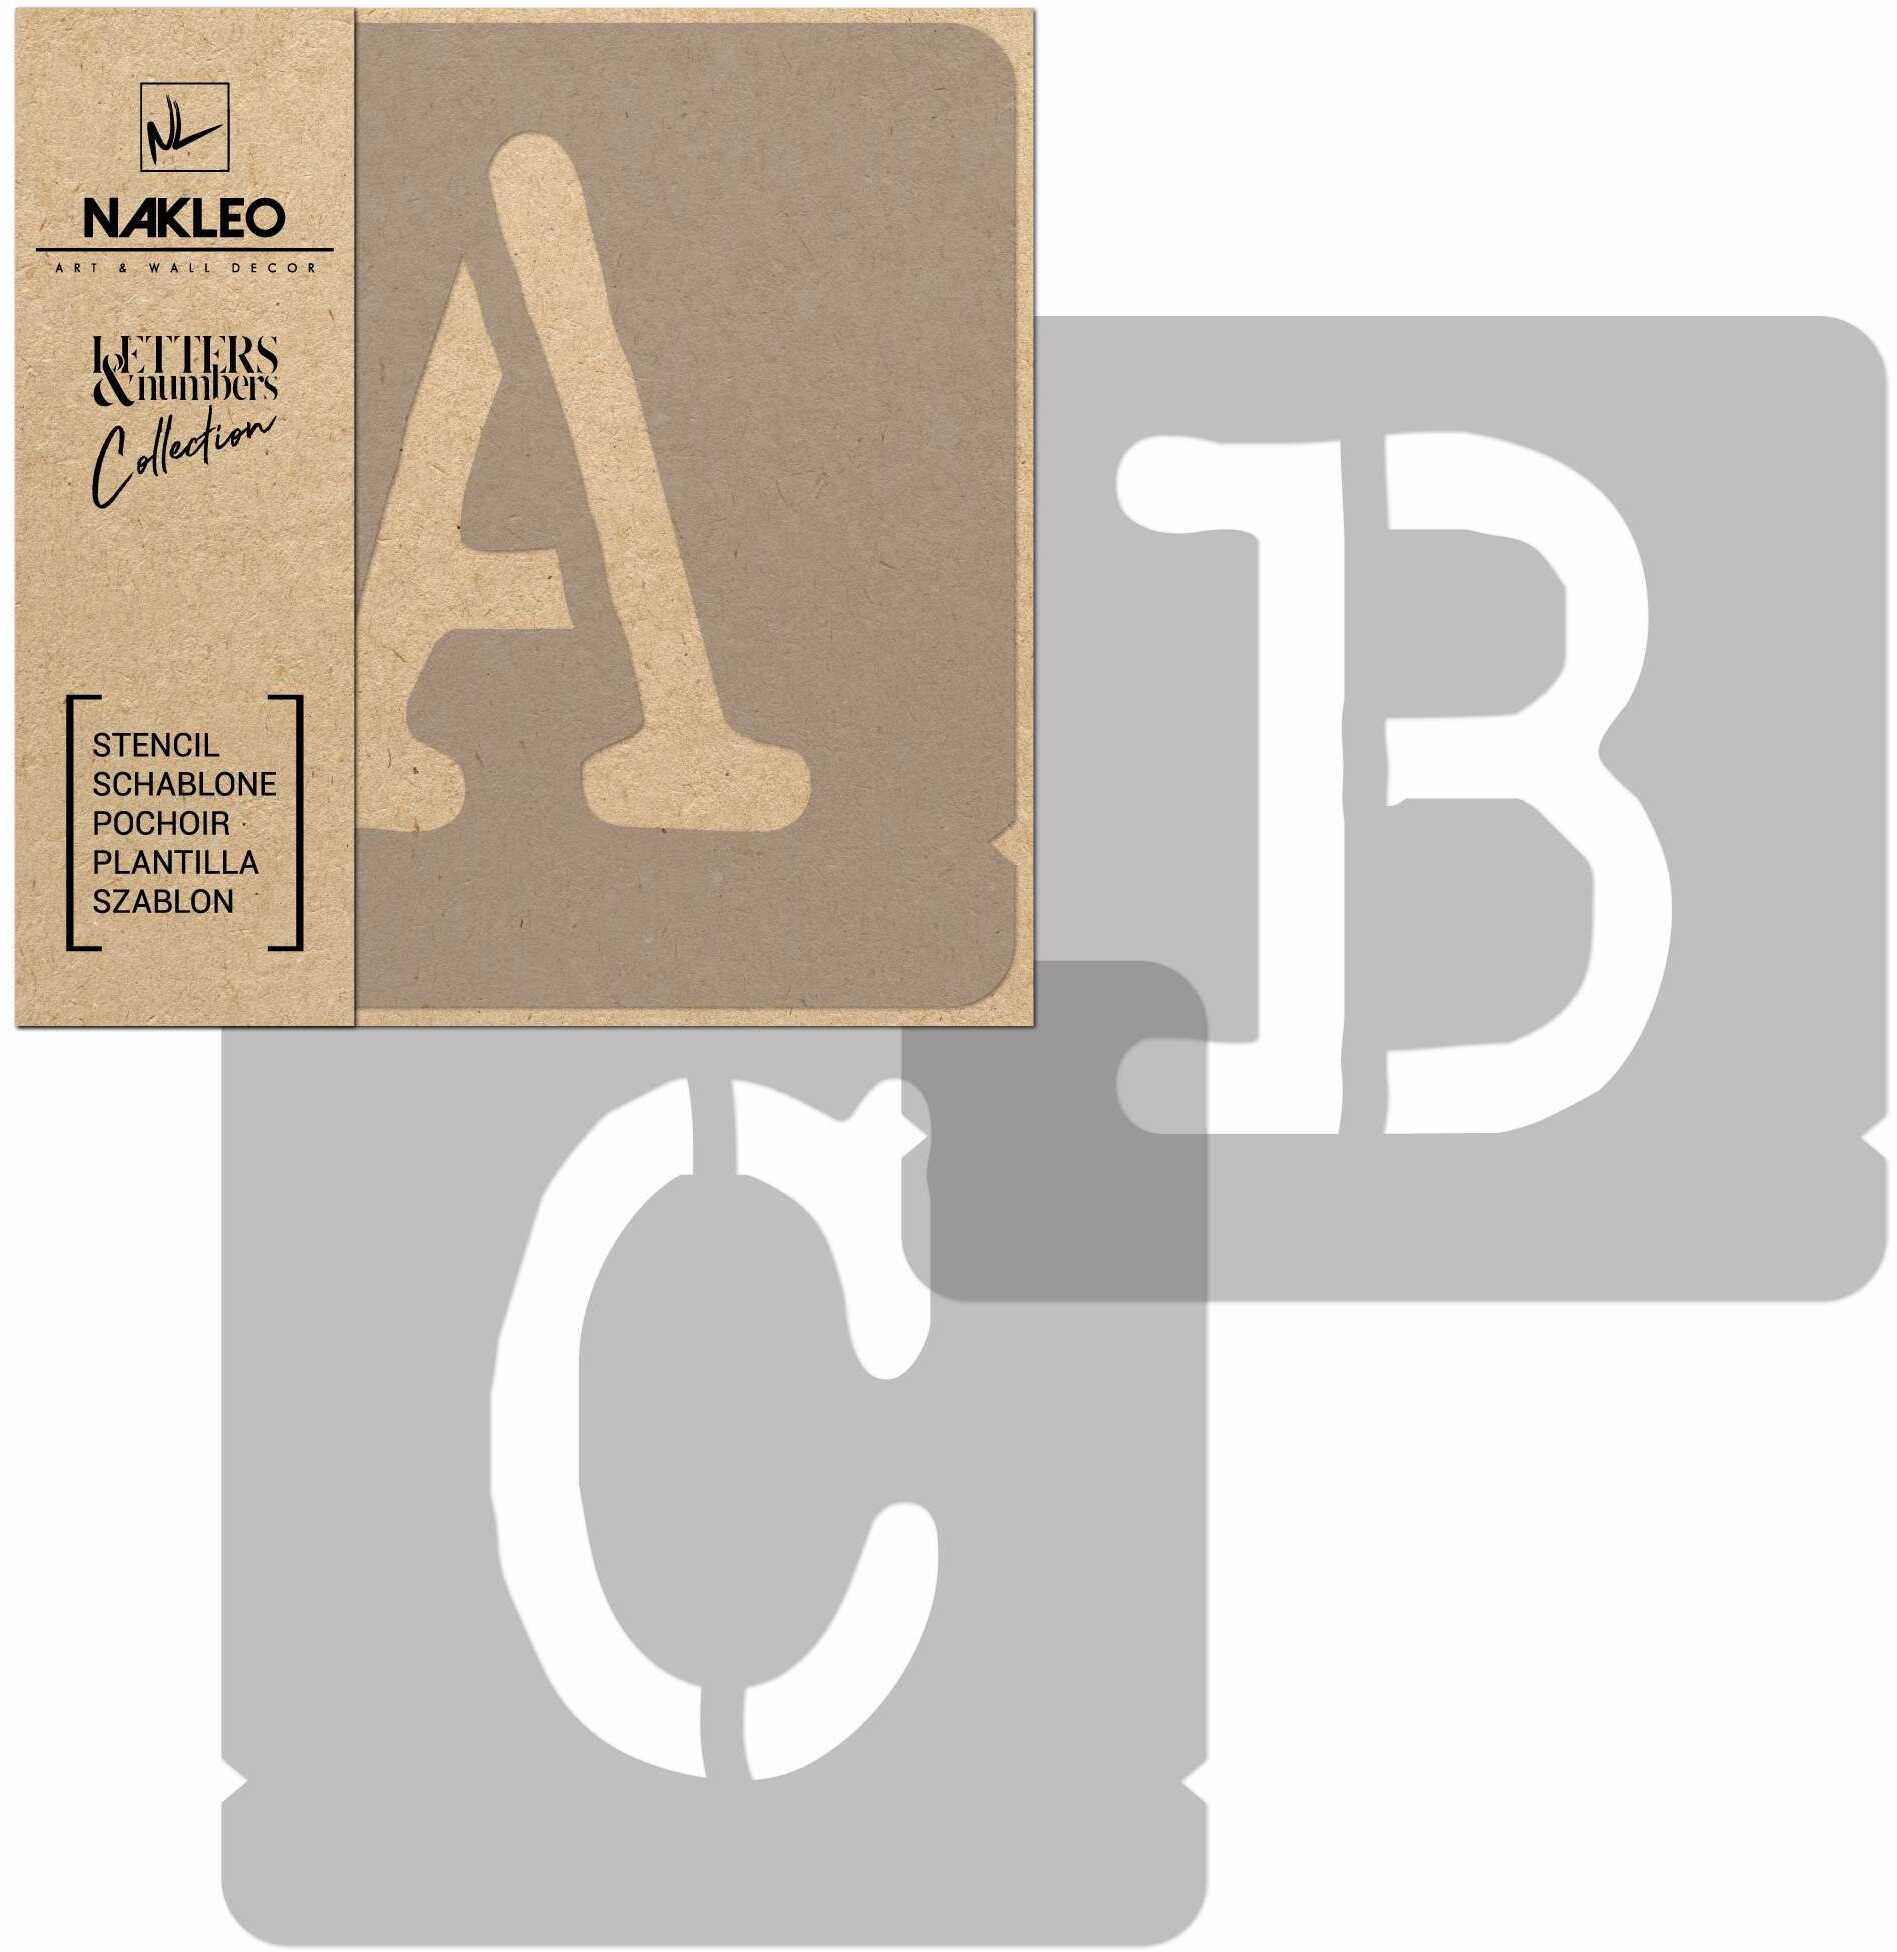 szablon malarski wielokrotny // litery i cyfry 50 mm // Typewriter Wielkie